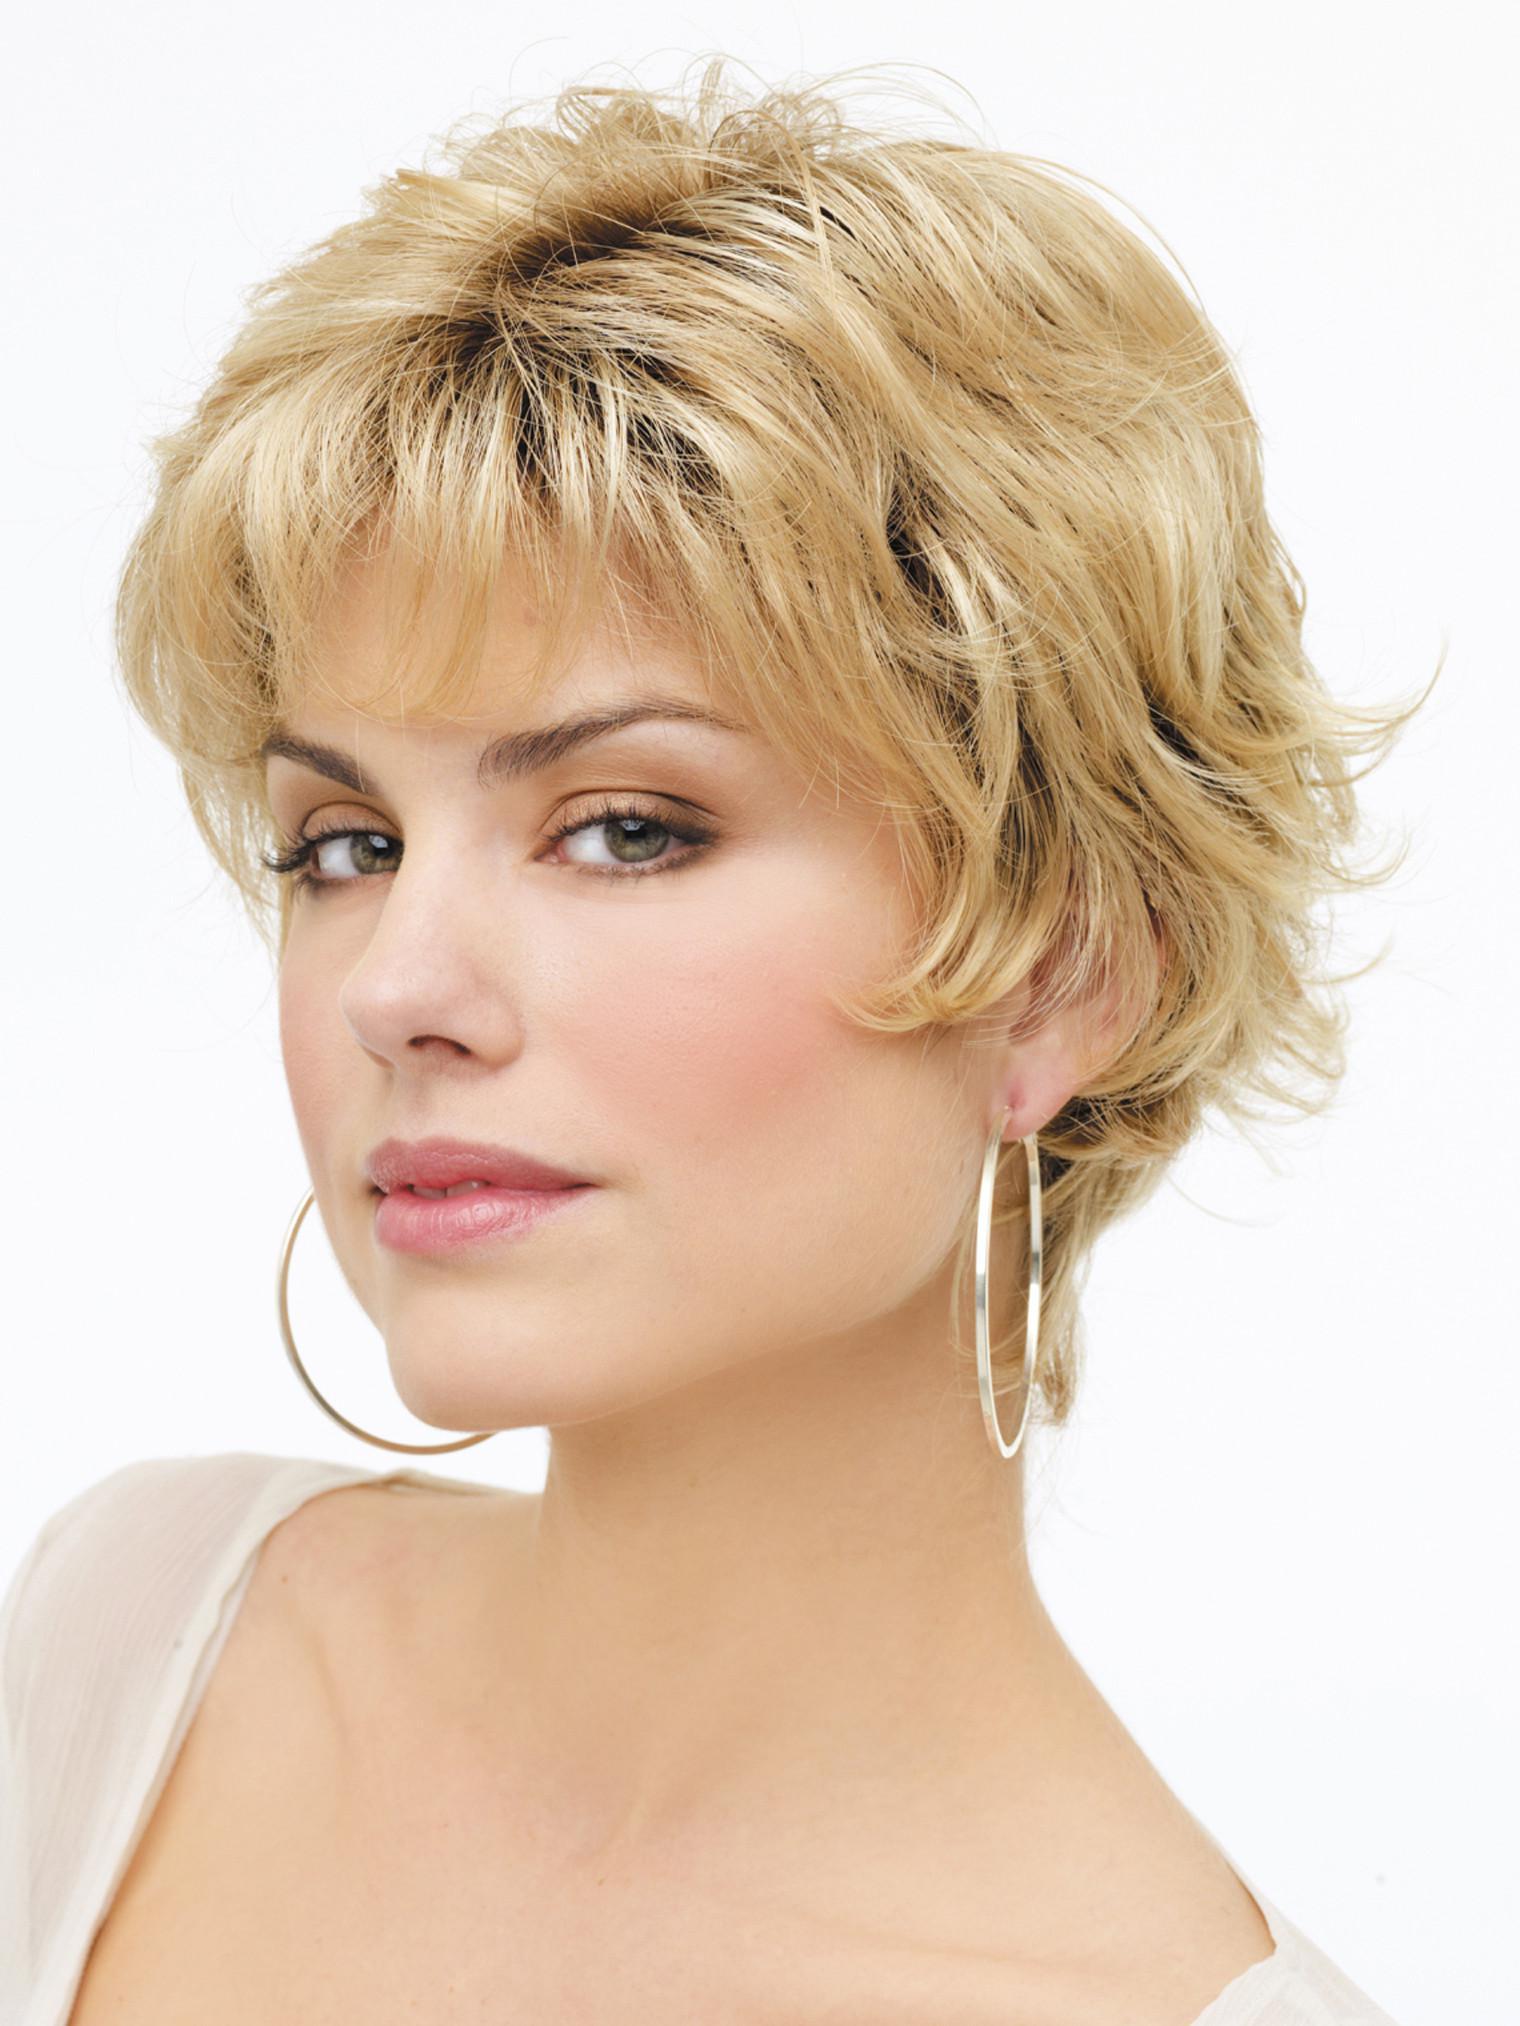 image11-94 | Модные женские стрижки на короткие волосы: основные правила и варианты исполнения